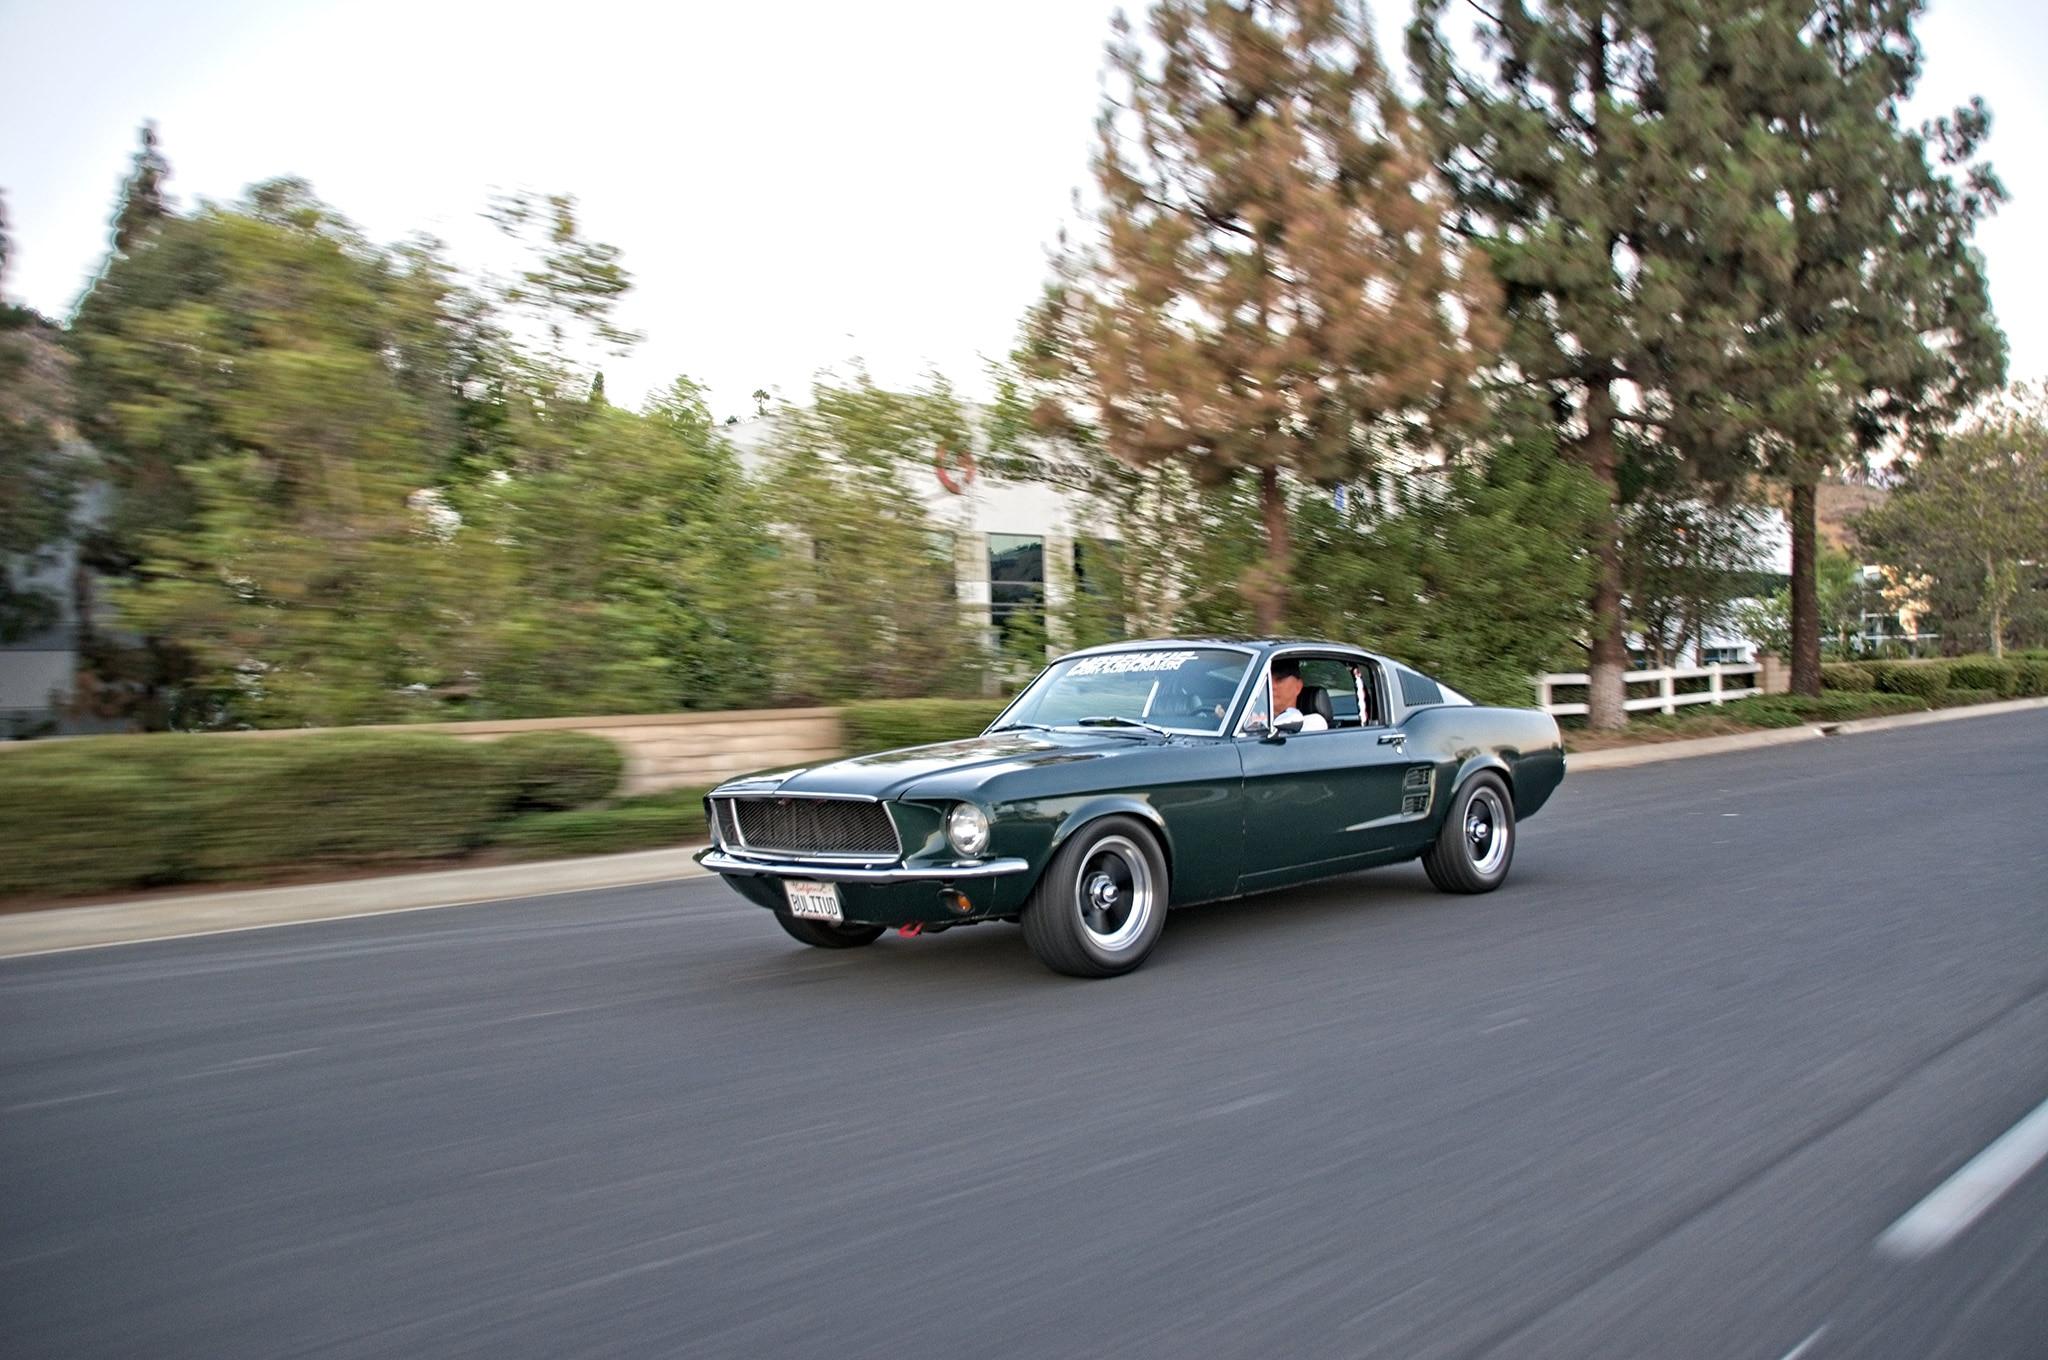 1967 Ford Mustang Shelby Bullitt Tribute 008